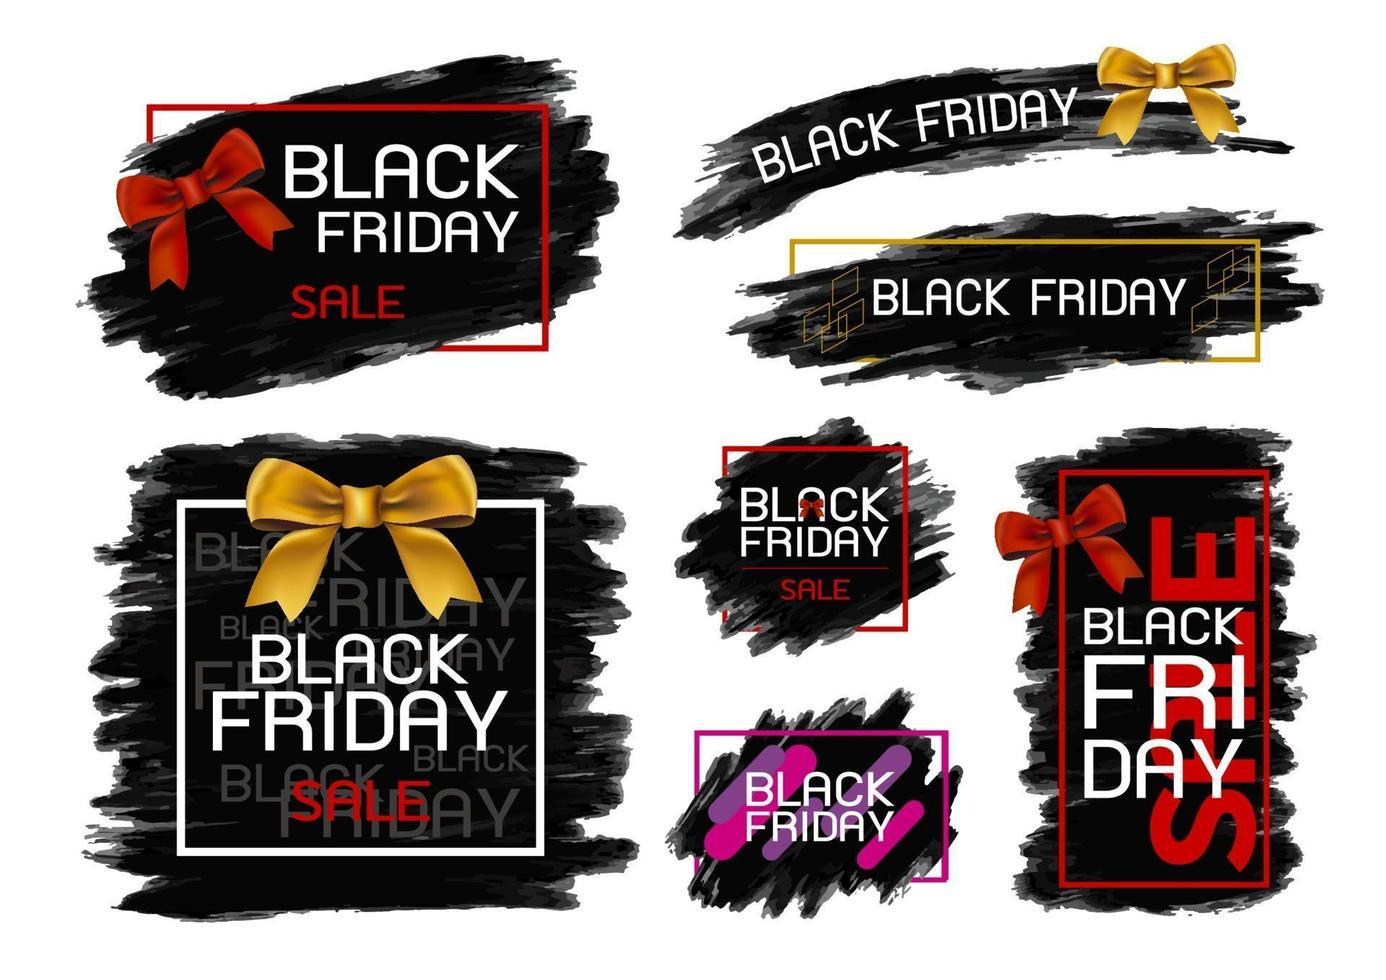 desenho de banner de venda sexta-feira negra em ilustração vetorial de fundo branco vetor